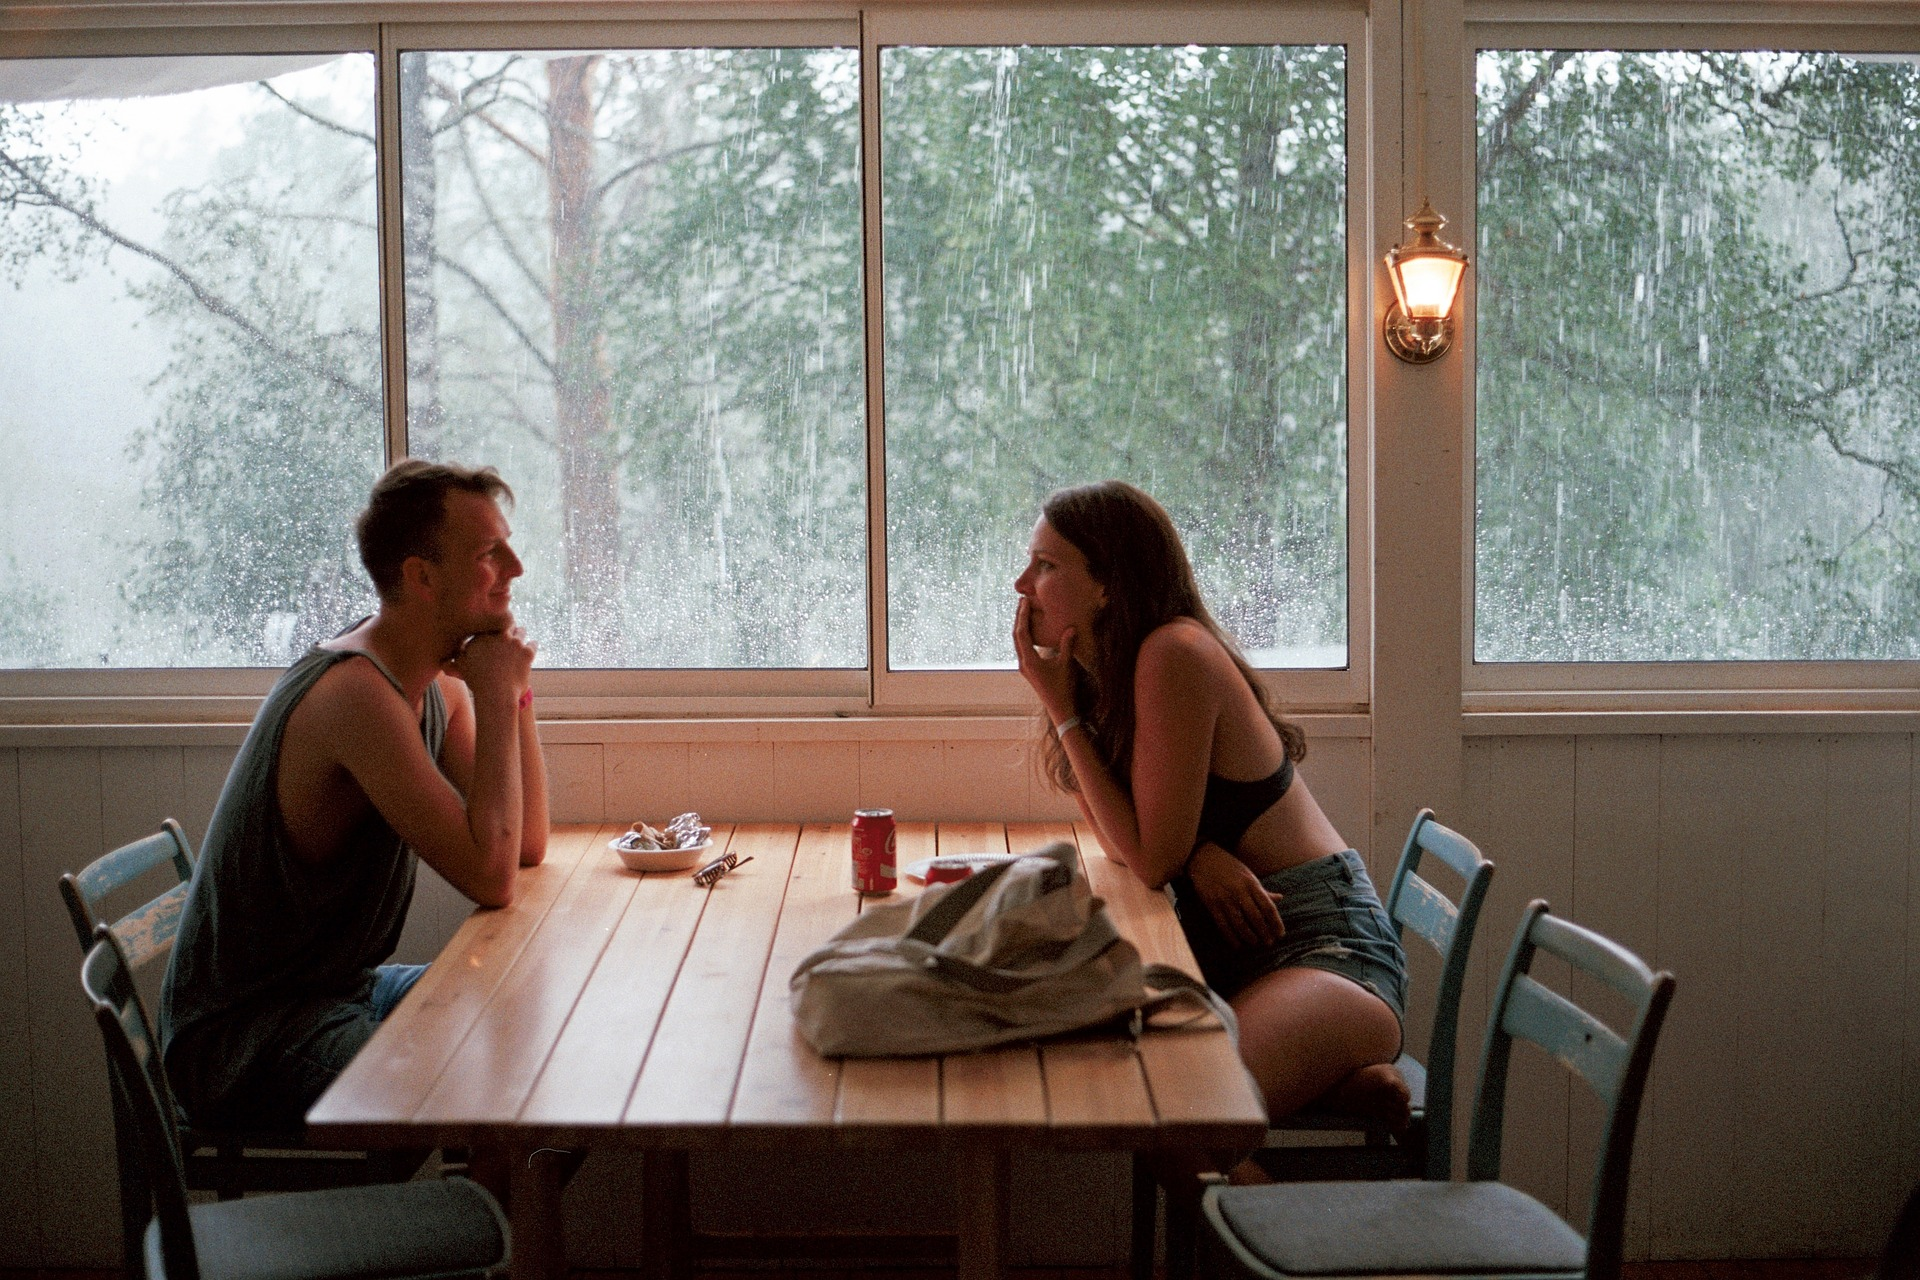 Ein romantisches erstes Date oder das Vorspiel zu heißem Sex? Immer öfter verschwimmen die Grenzen zwischen Sex-Date und großen Gefühlen.